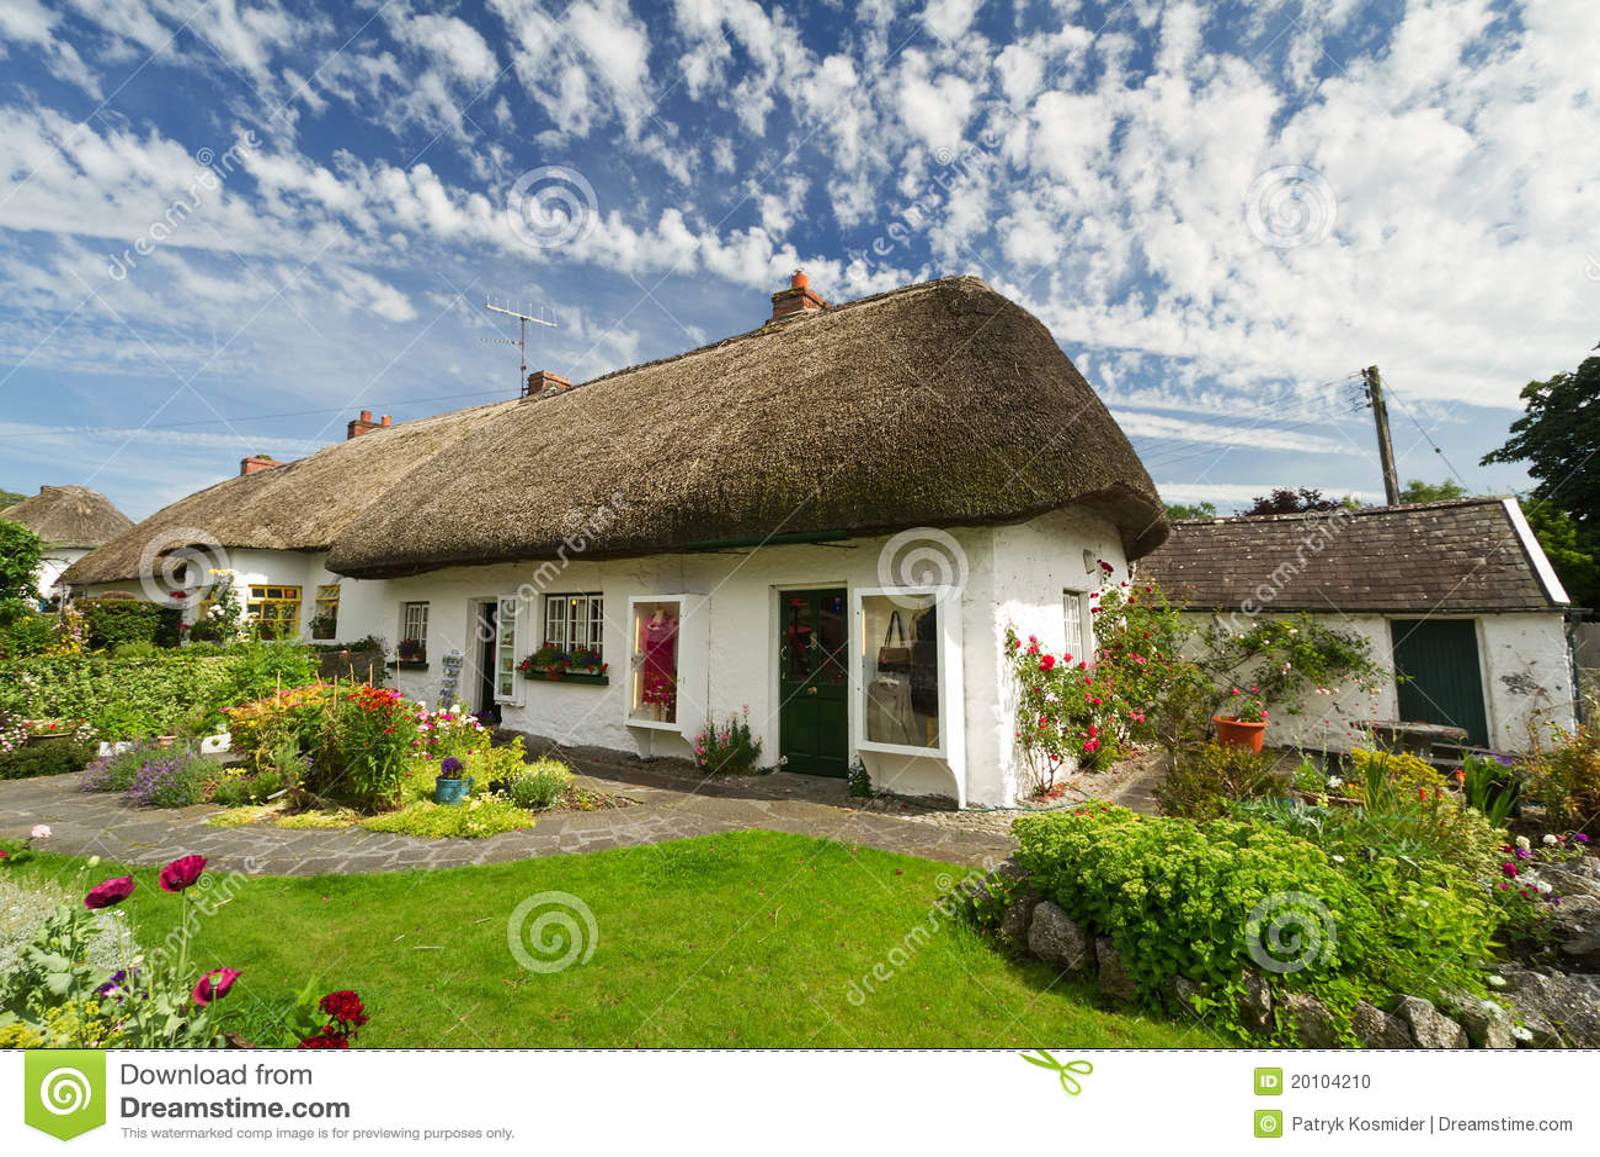 Cottage design irish stone house plans - Stone House Plans Ireland House And Home Design